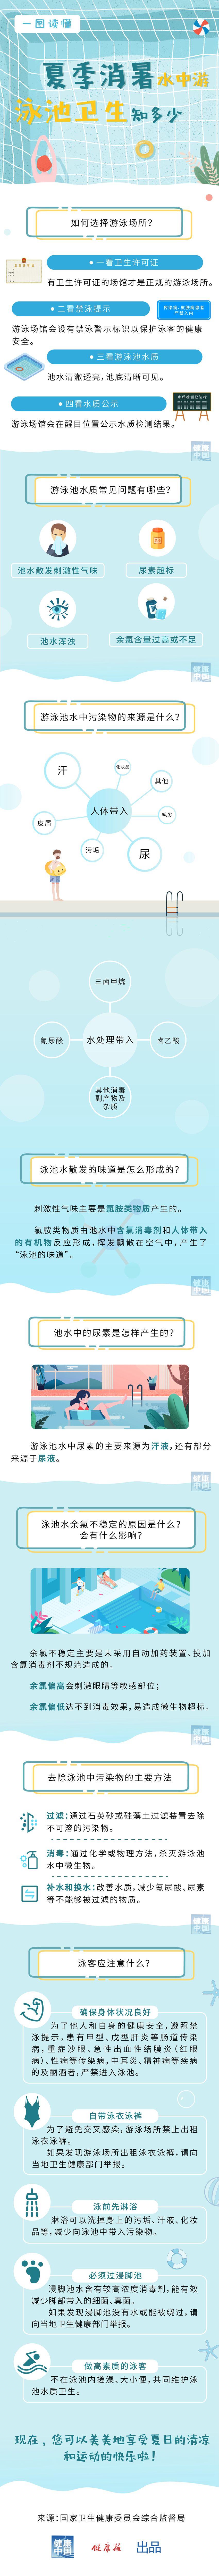 一图读懂:夏季消暑水中游泳池卫生知多少 新湖南www.hunanabc.com